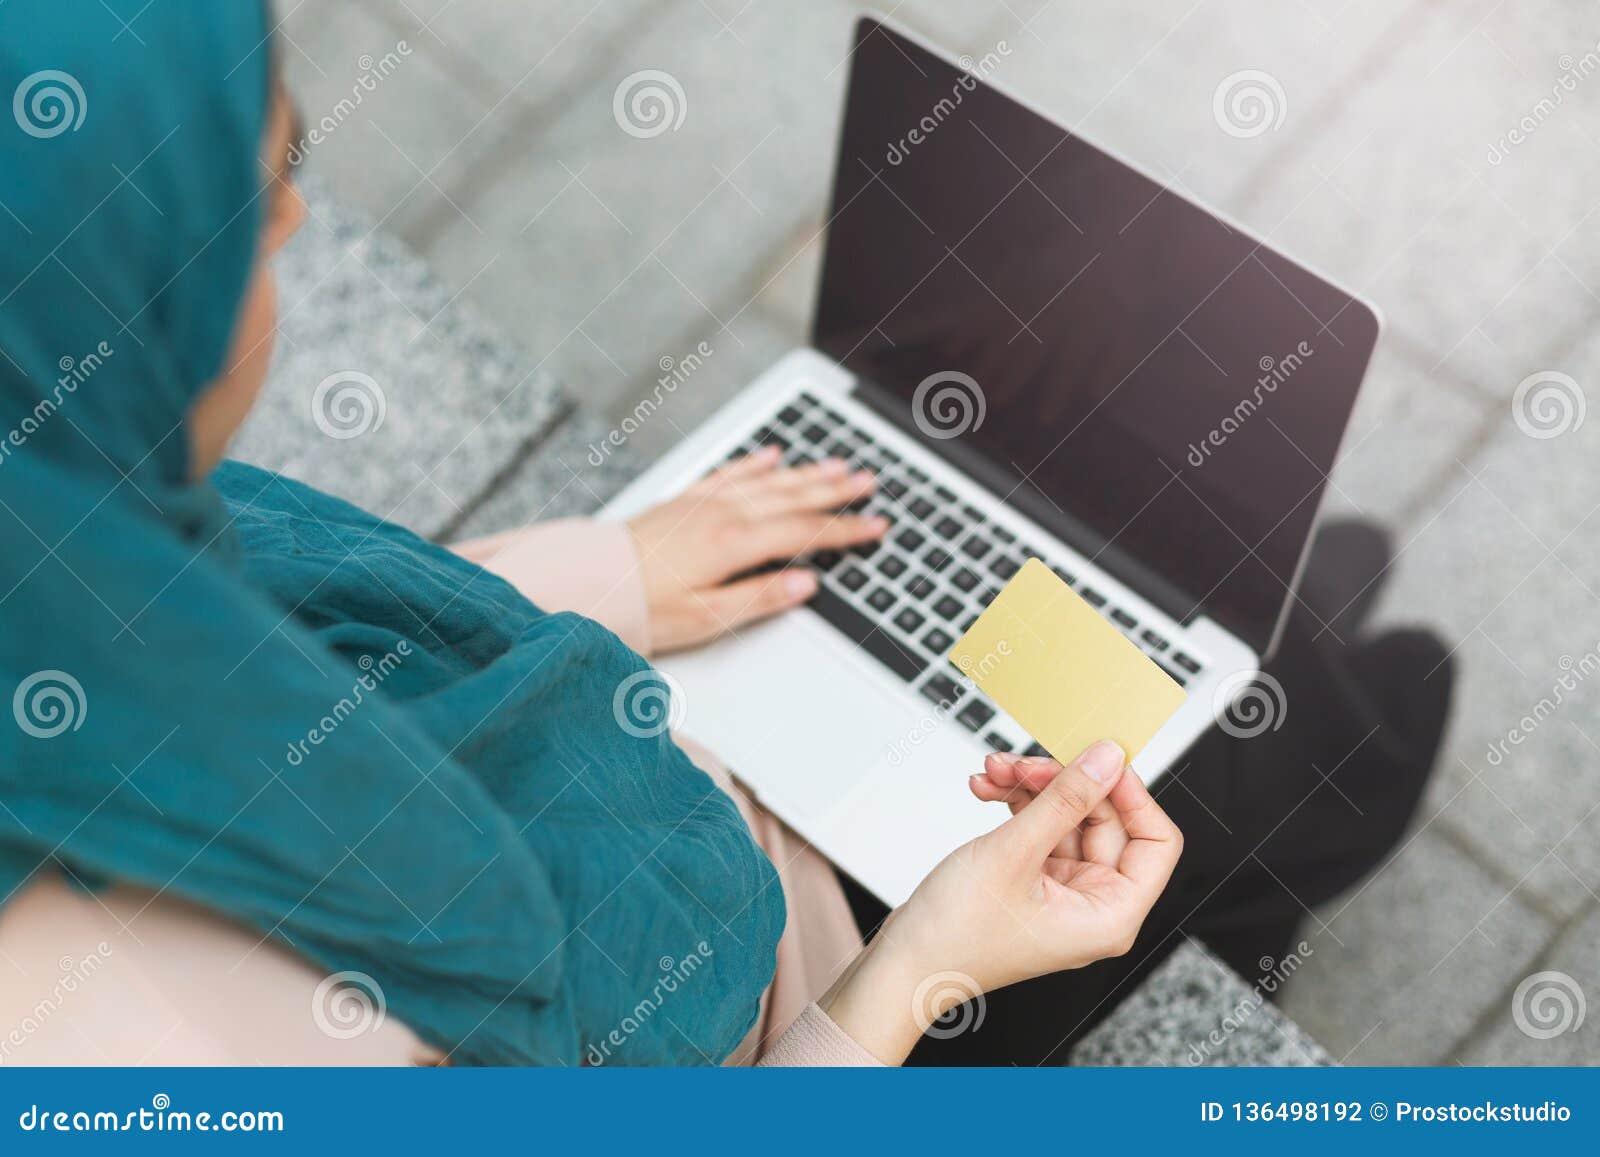 Conceito pessoal dos Internet banking